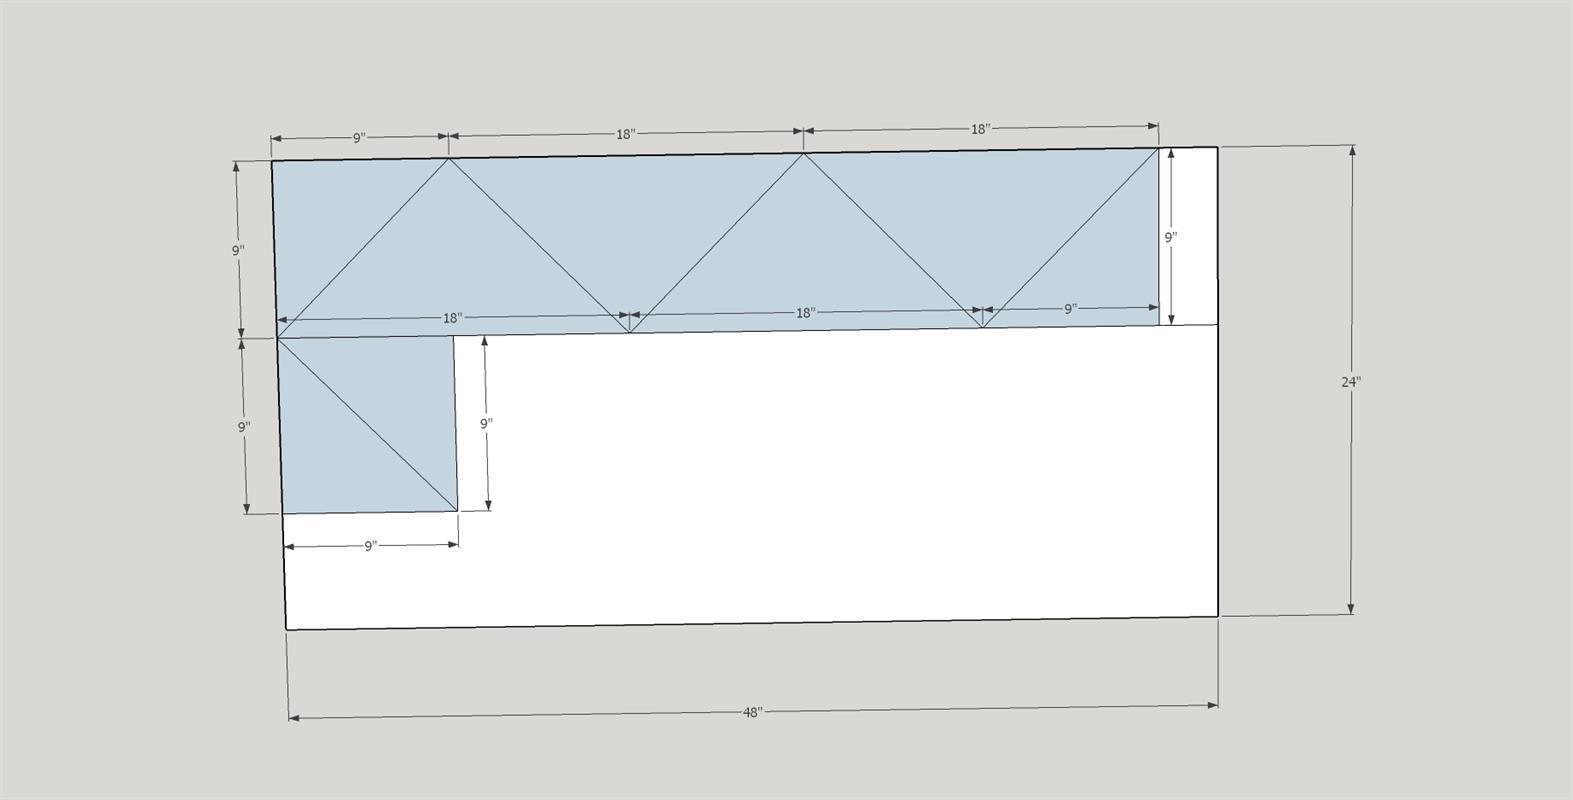 triangle-cut-diagram